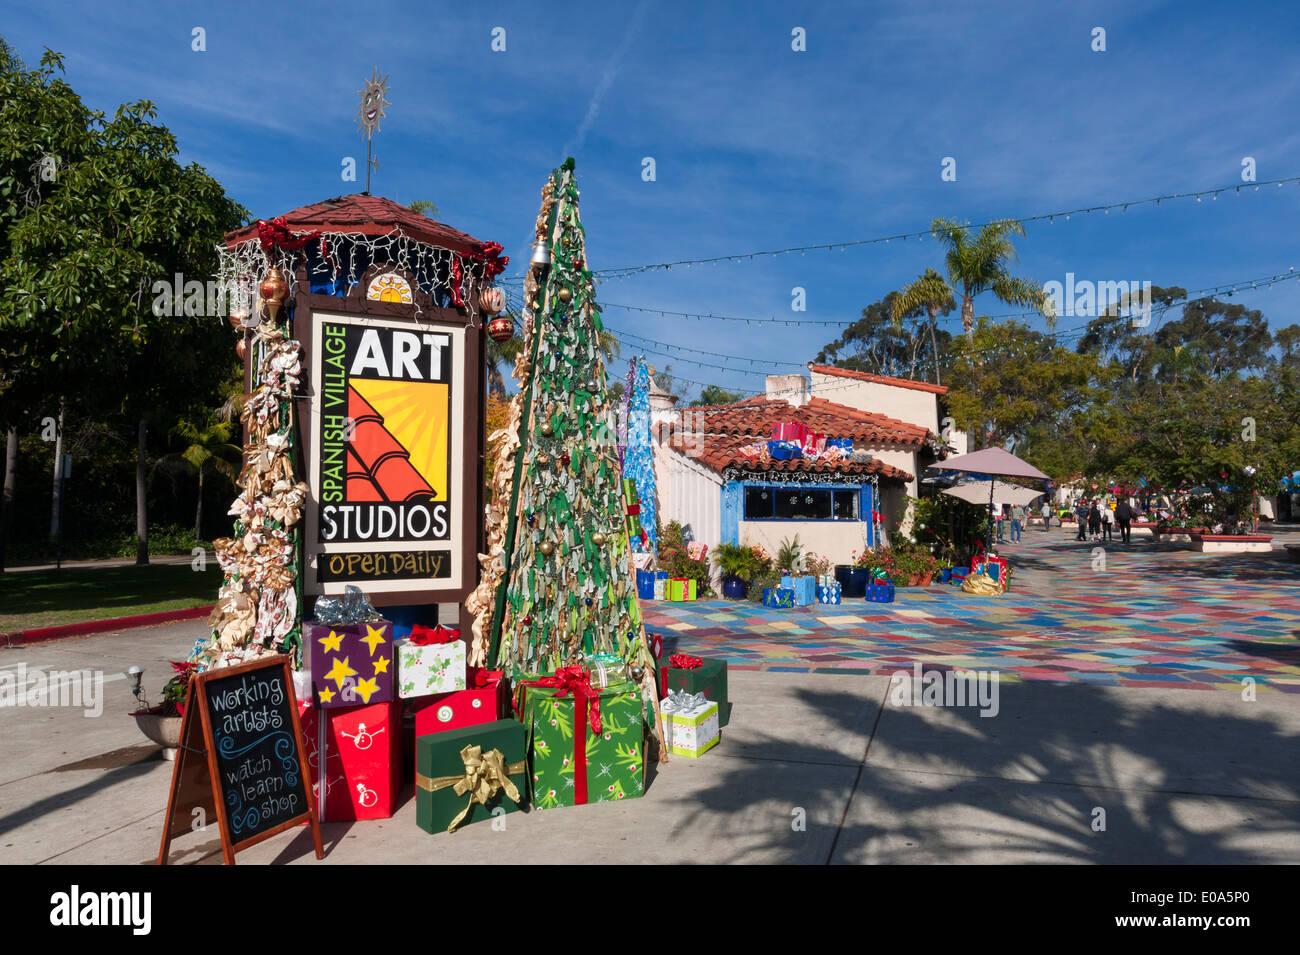 Spanische Dorf an Weihnachten, Balboa Park, San Diego, Kalifornien ...